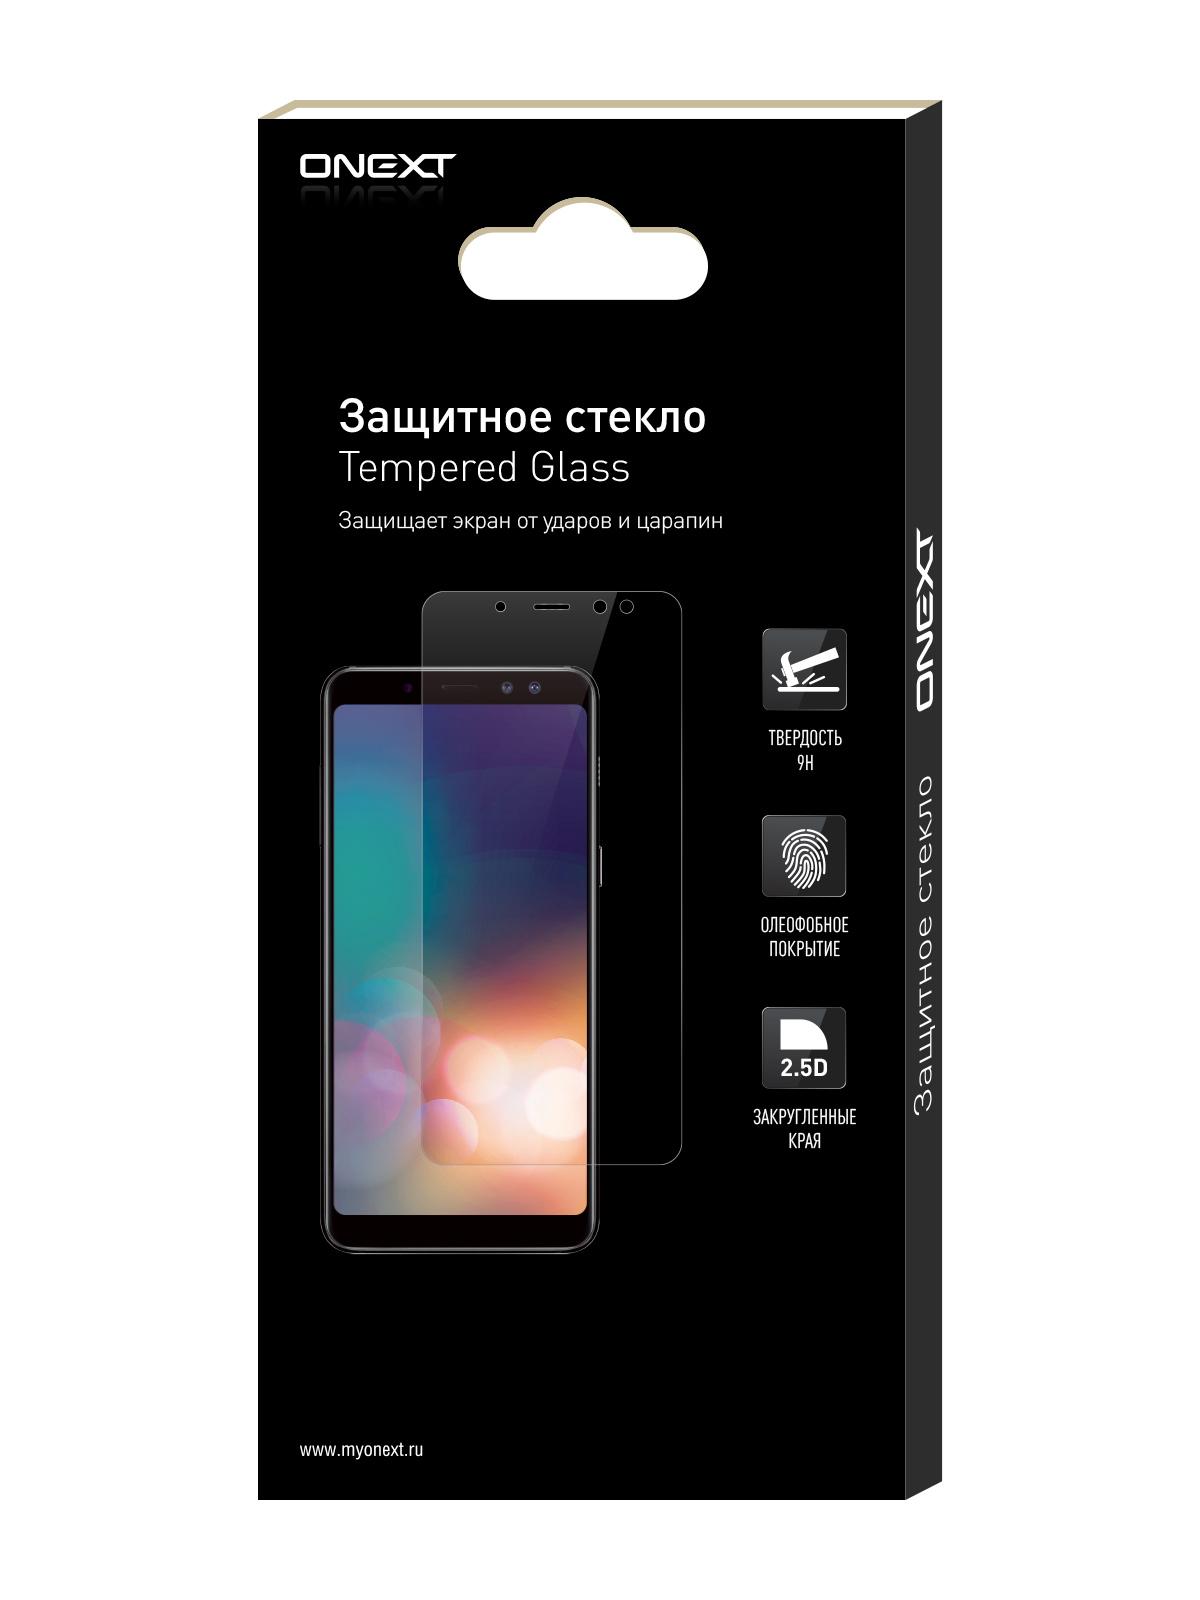 Защитное стекло Onext для телефона HTC 10/10 Lifestyle